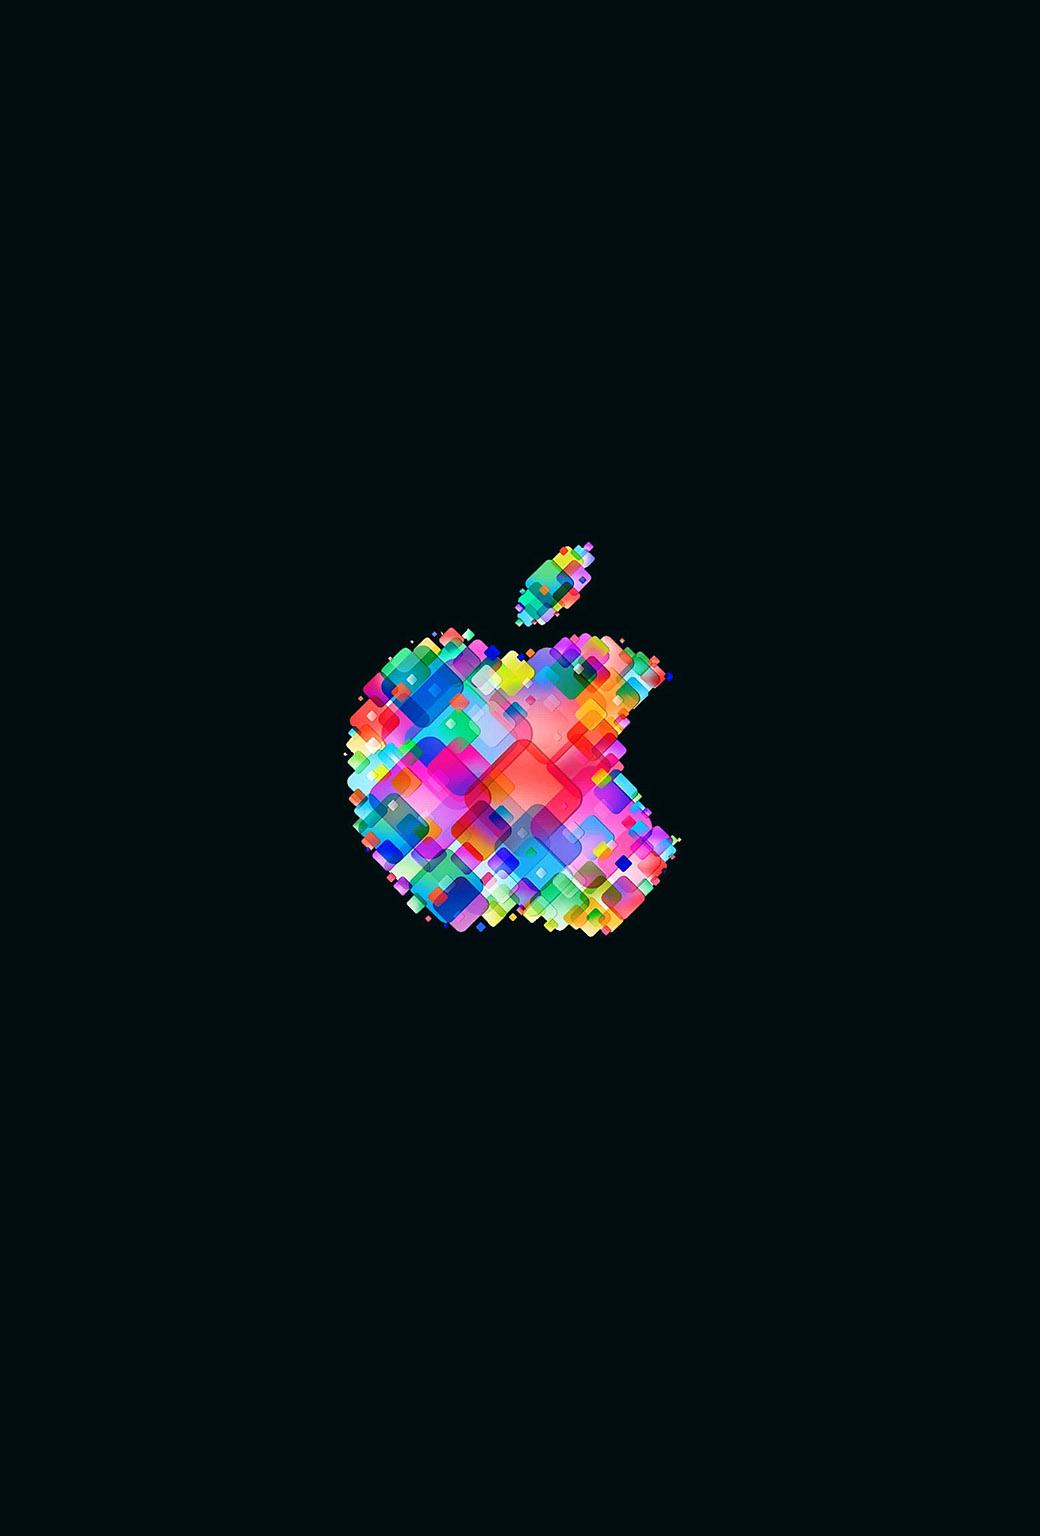 Cute Wallpapers Ipad App Wallpapers Of The Week Apple Logos